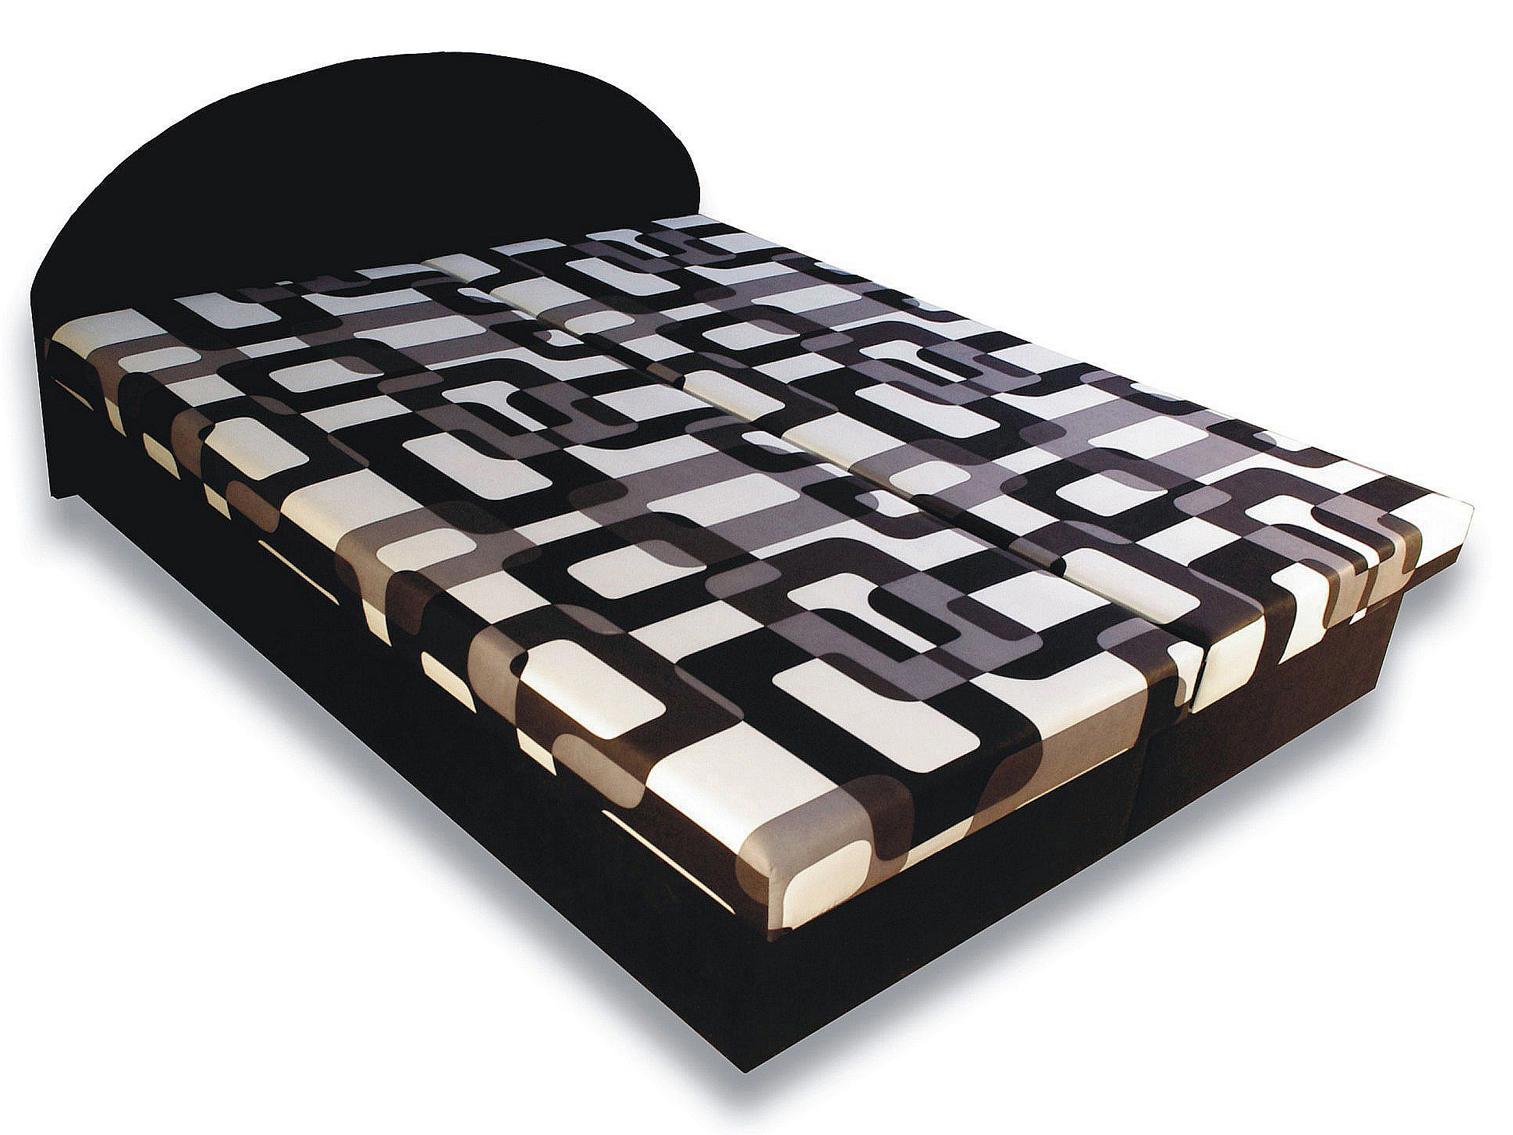 Manželská postel 160 cm - Važo - Elena (s pěnovými matracemi)